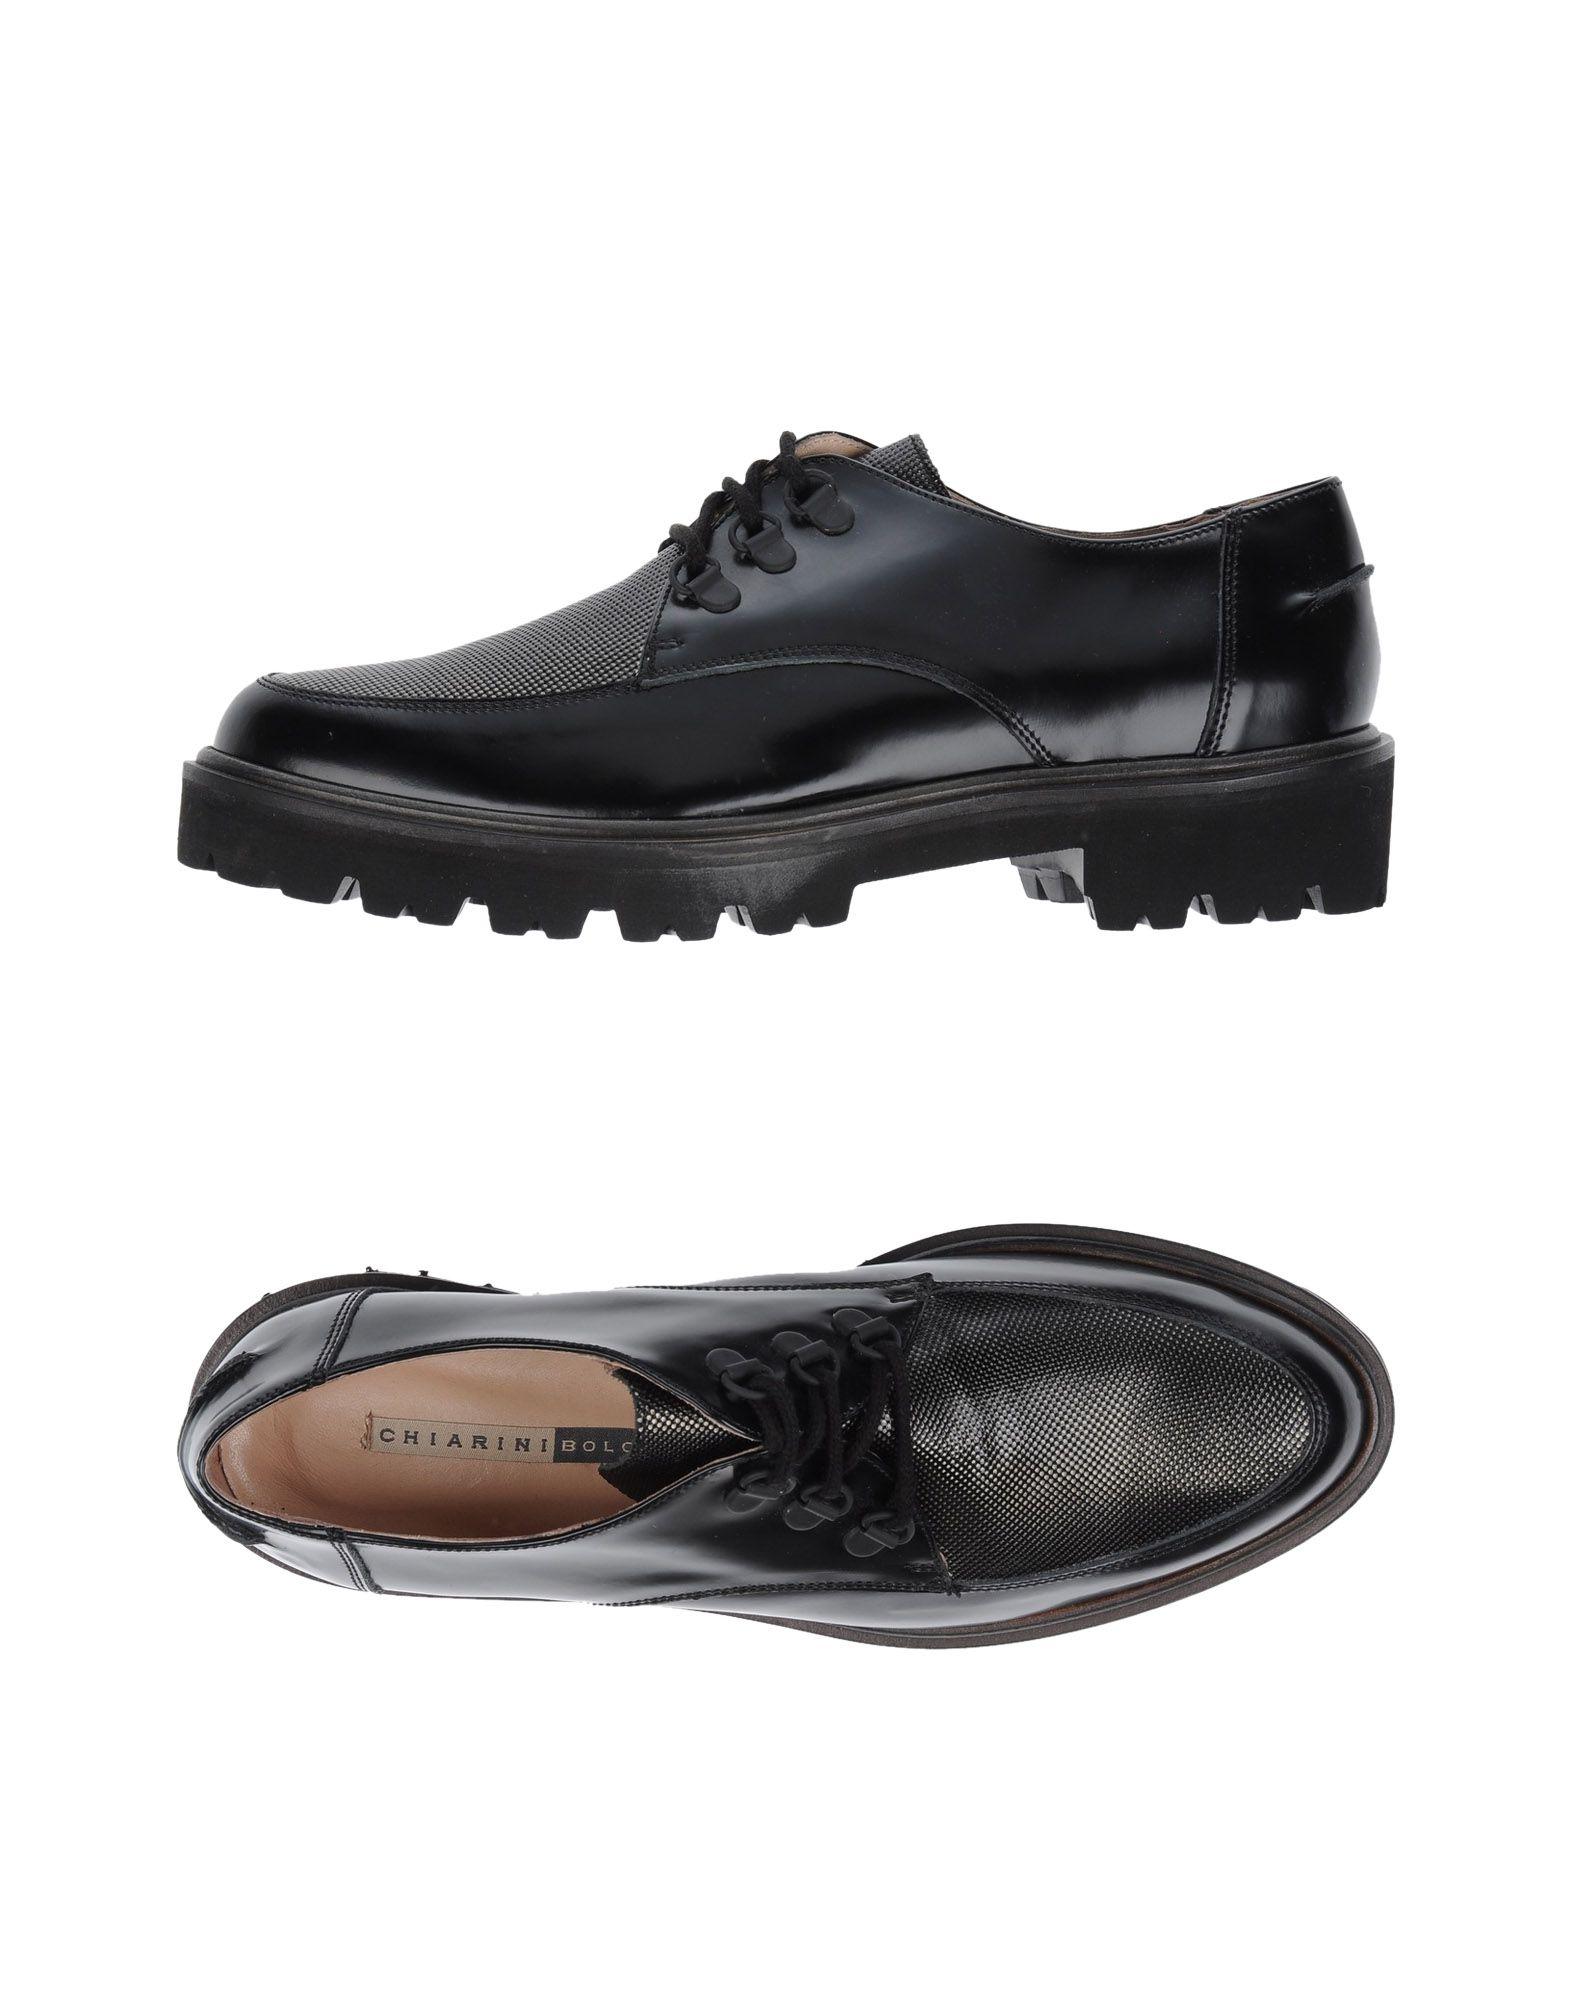 Venta de liquidación de temporada Zapato De Cordones De Chiarini Bologna Mujer - Zapatos De Cordones Cordones Chiarini Bologna  Negro 834c34